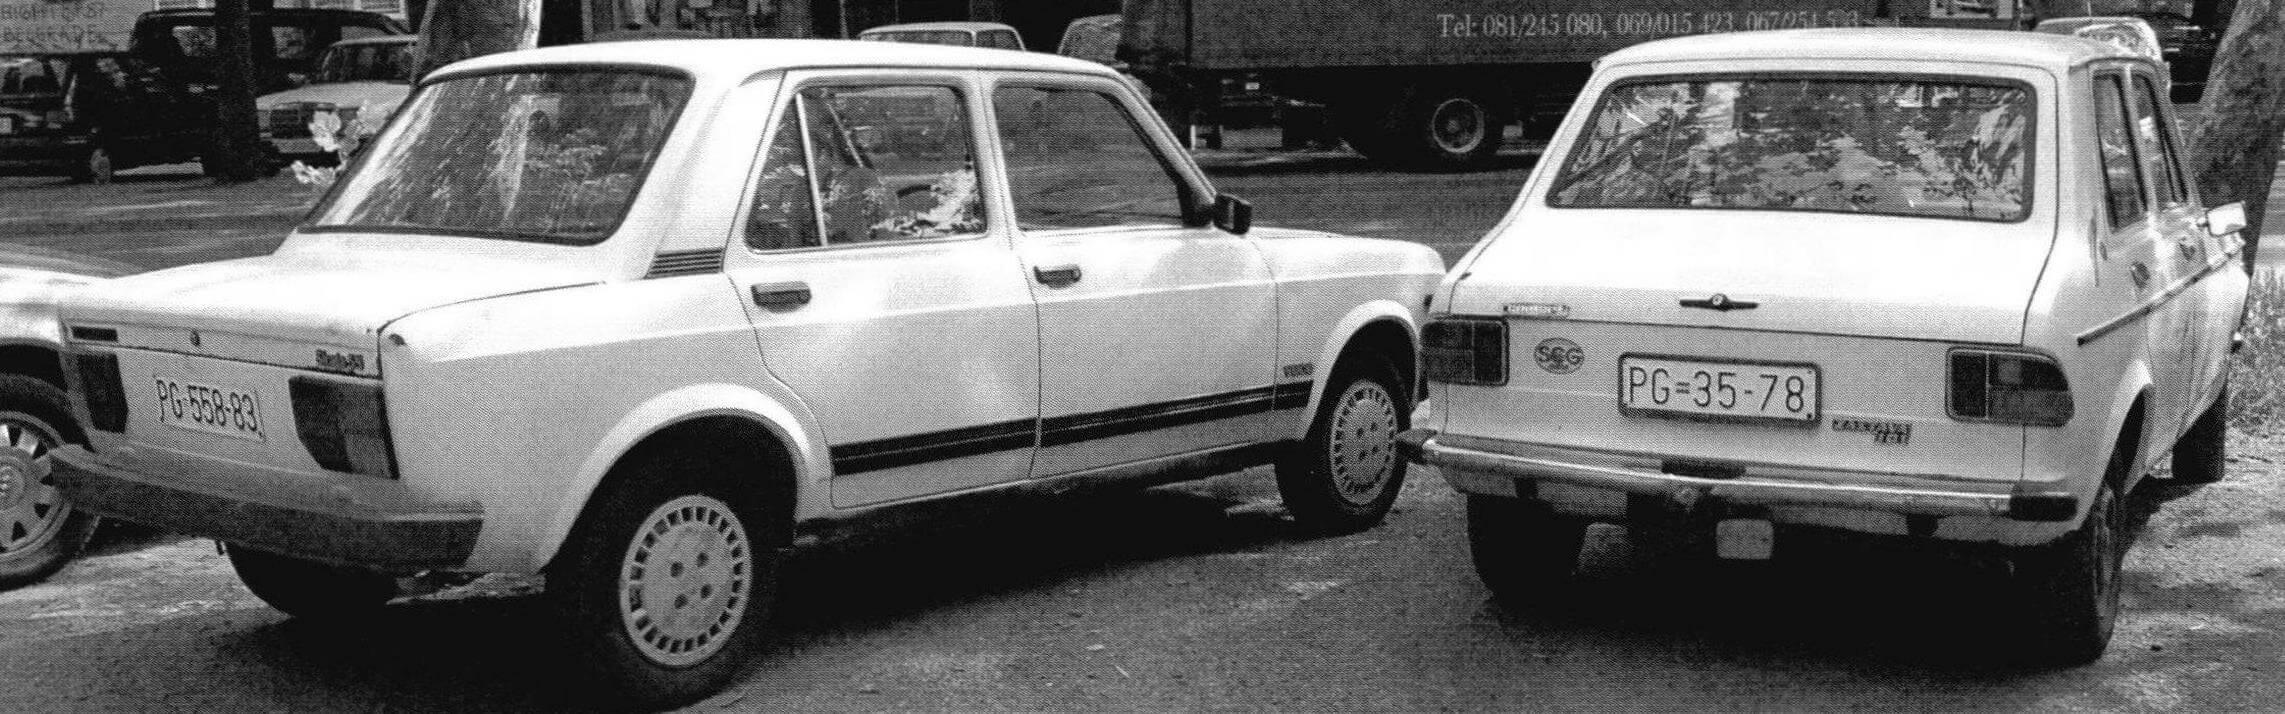 Хэтчбек Zastava 101 и седан Yugo 128 Skala 55 оснащались различными задними фонарями